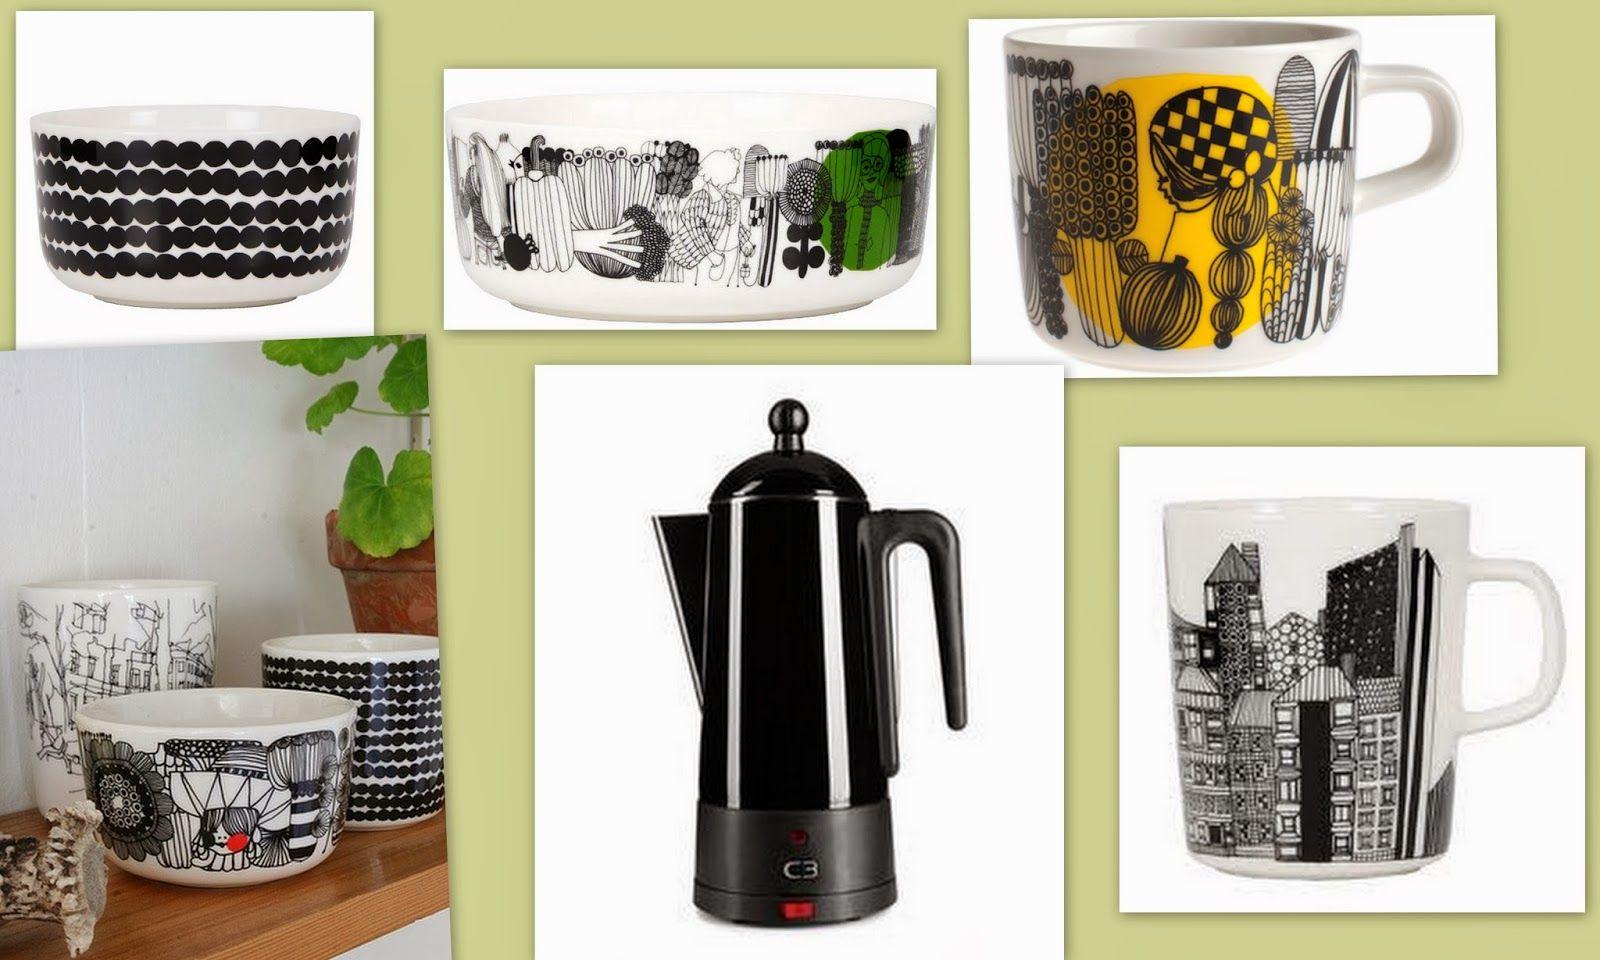 Keittiö astiat ; Marimekko siirtolapuutarhaa ja räsymattoa sekä perkolaattorikeitin mustana <3